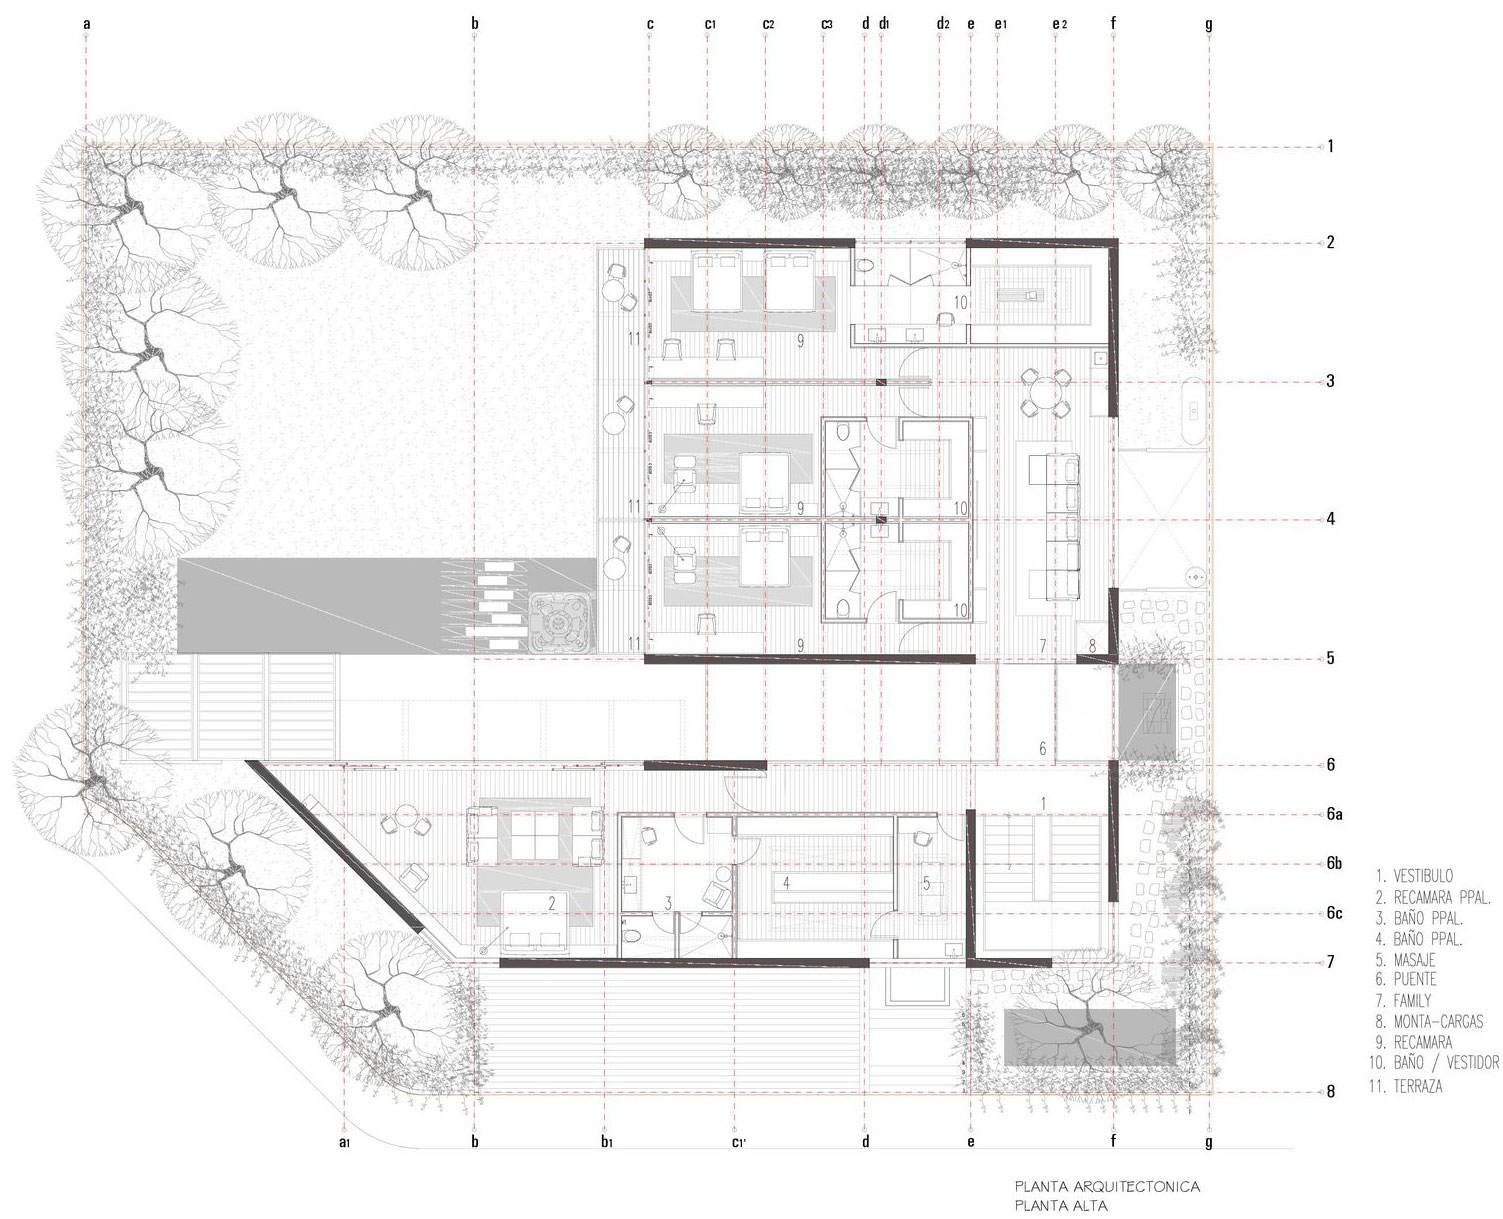 Dalias House grupoarquitectura-29